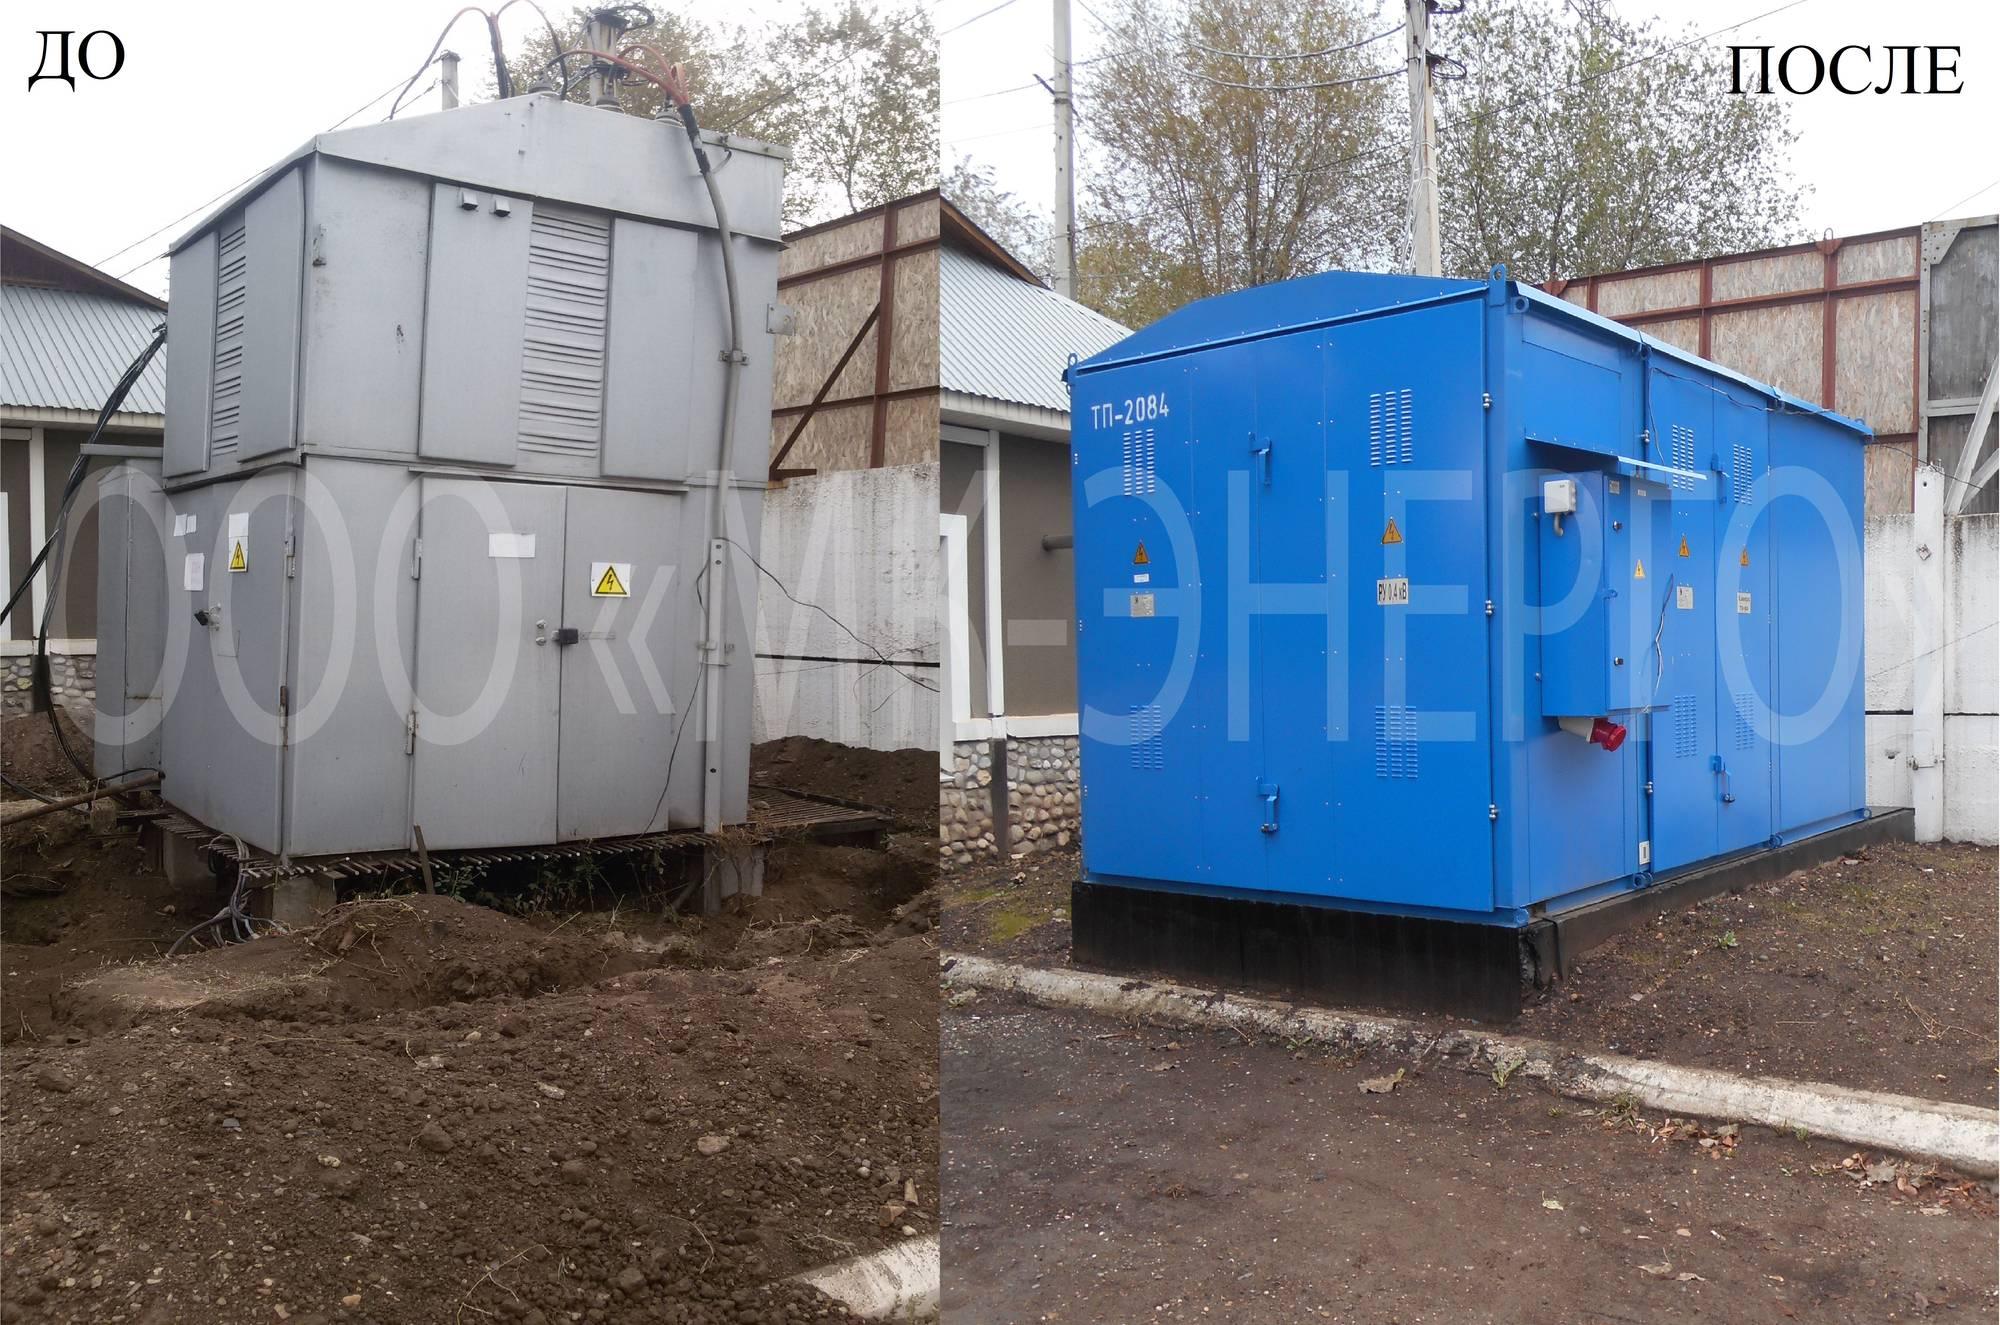 г. Оренбург, ул. Беляевская, 30, тп-2084